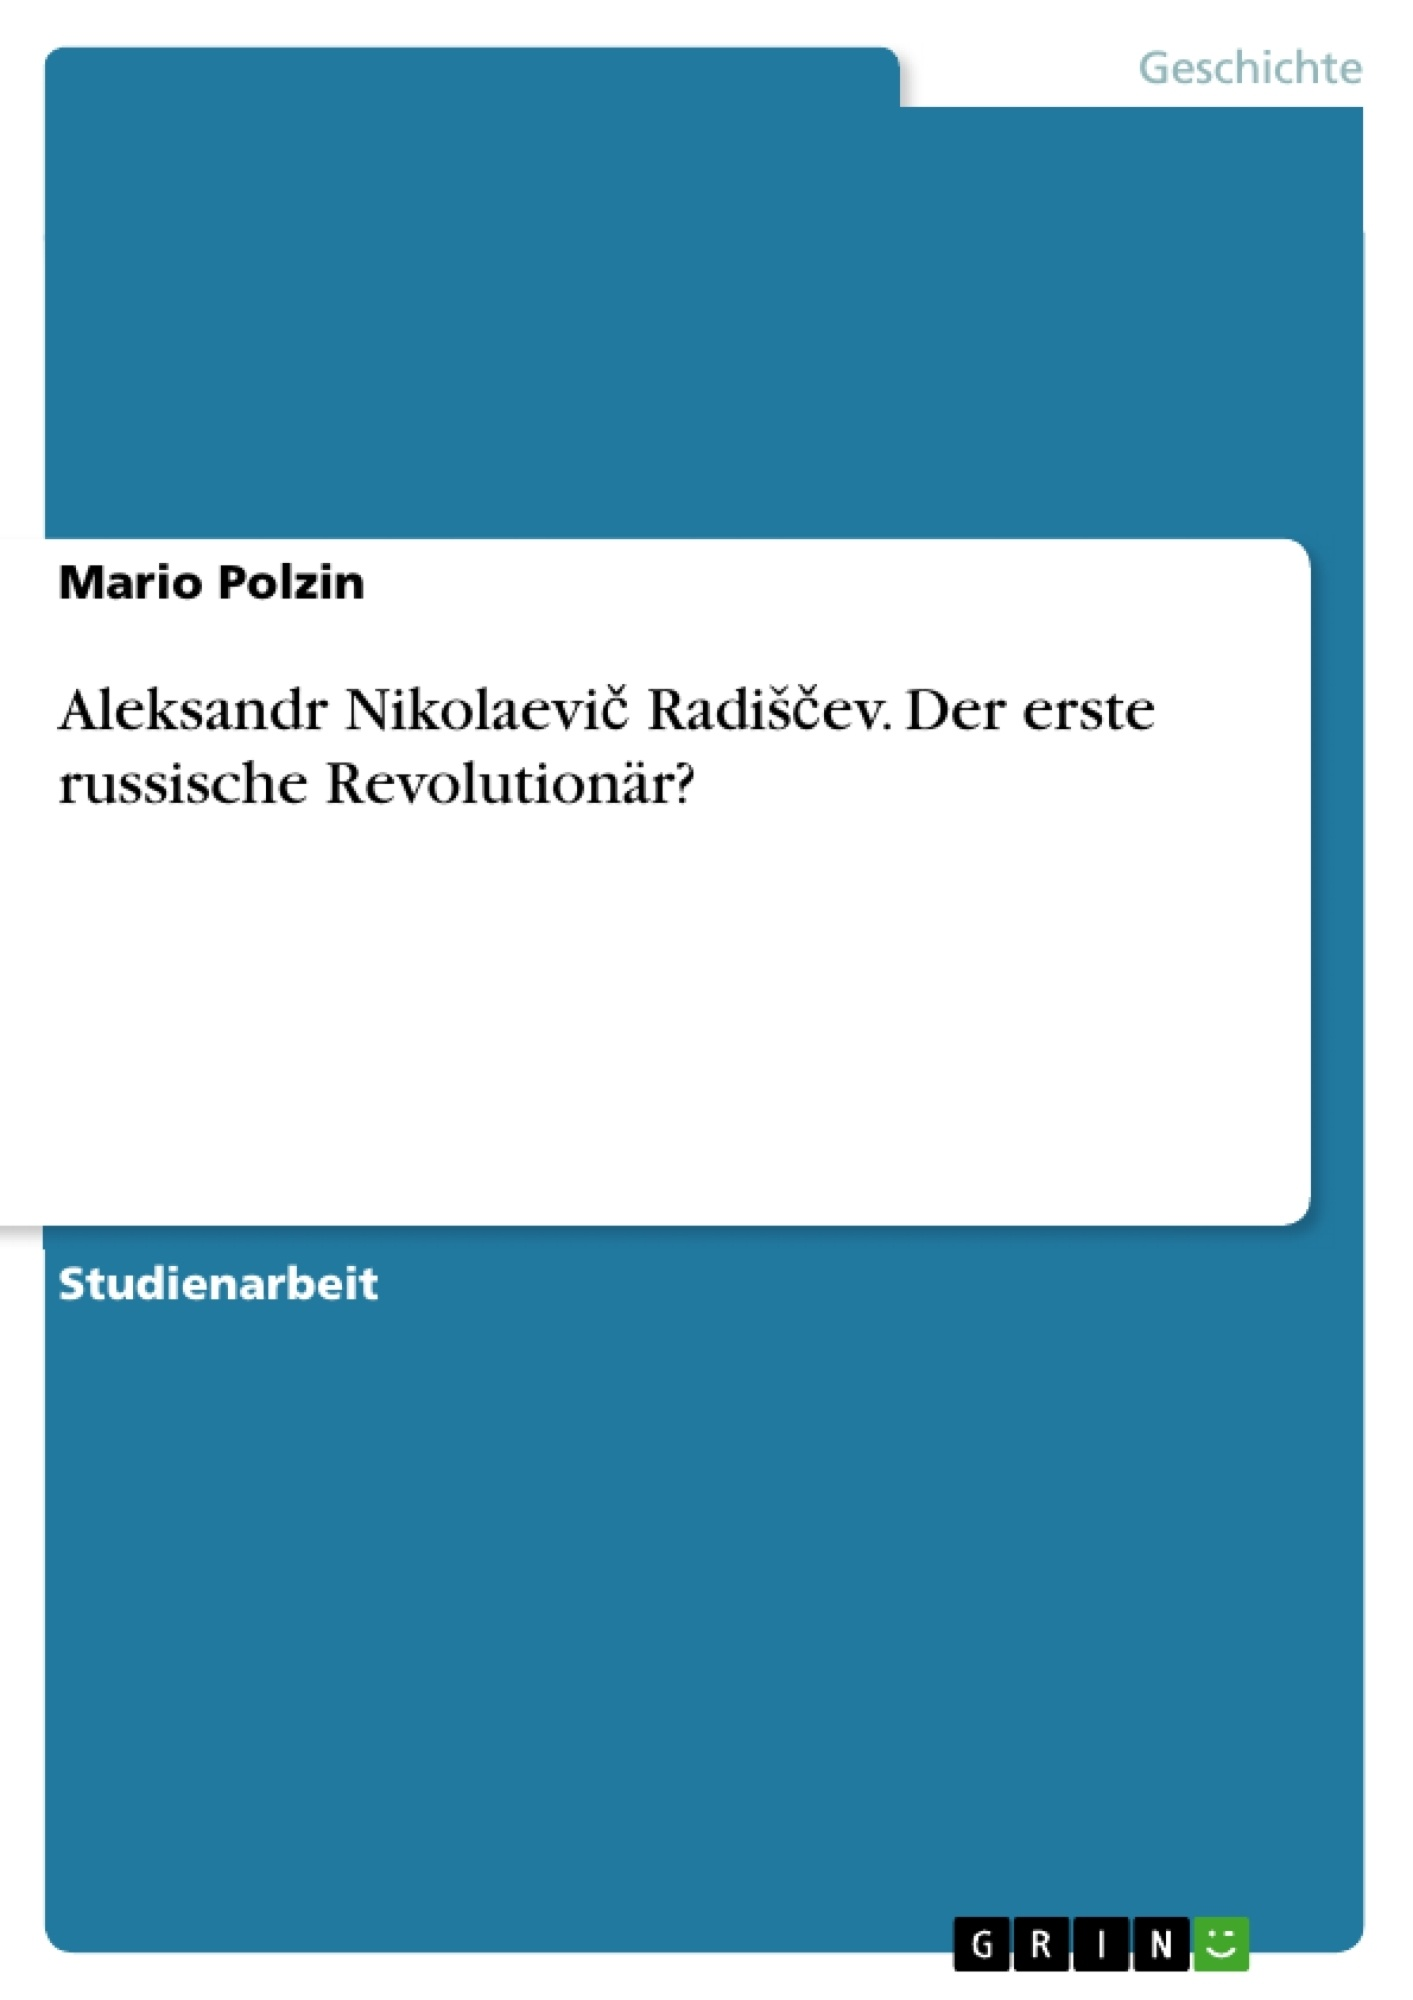 Titel: Aleksandr Nikolaevič Radiščev. Der erste russische Revolutionär?